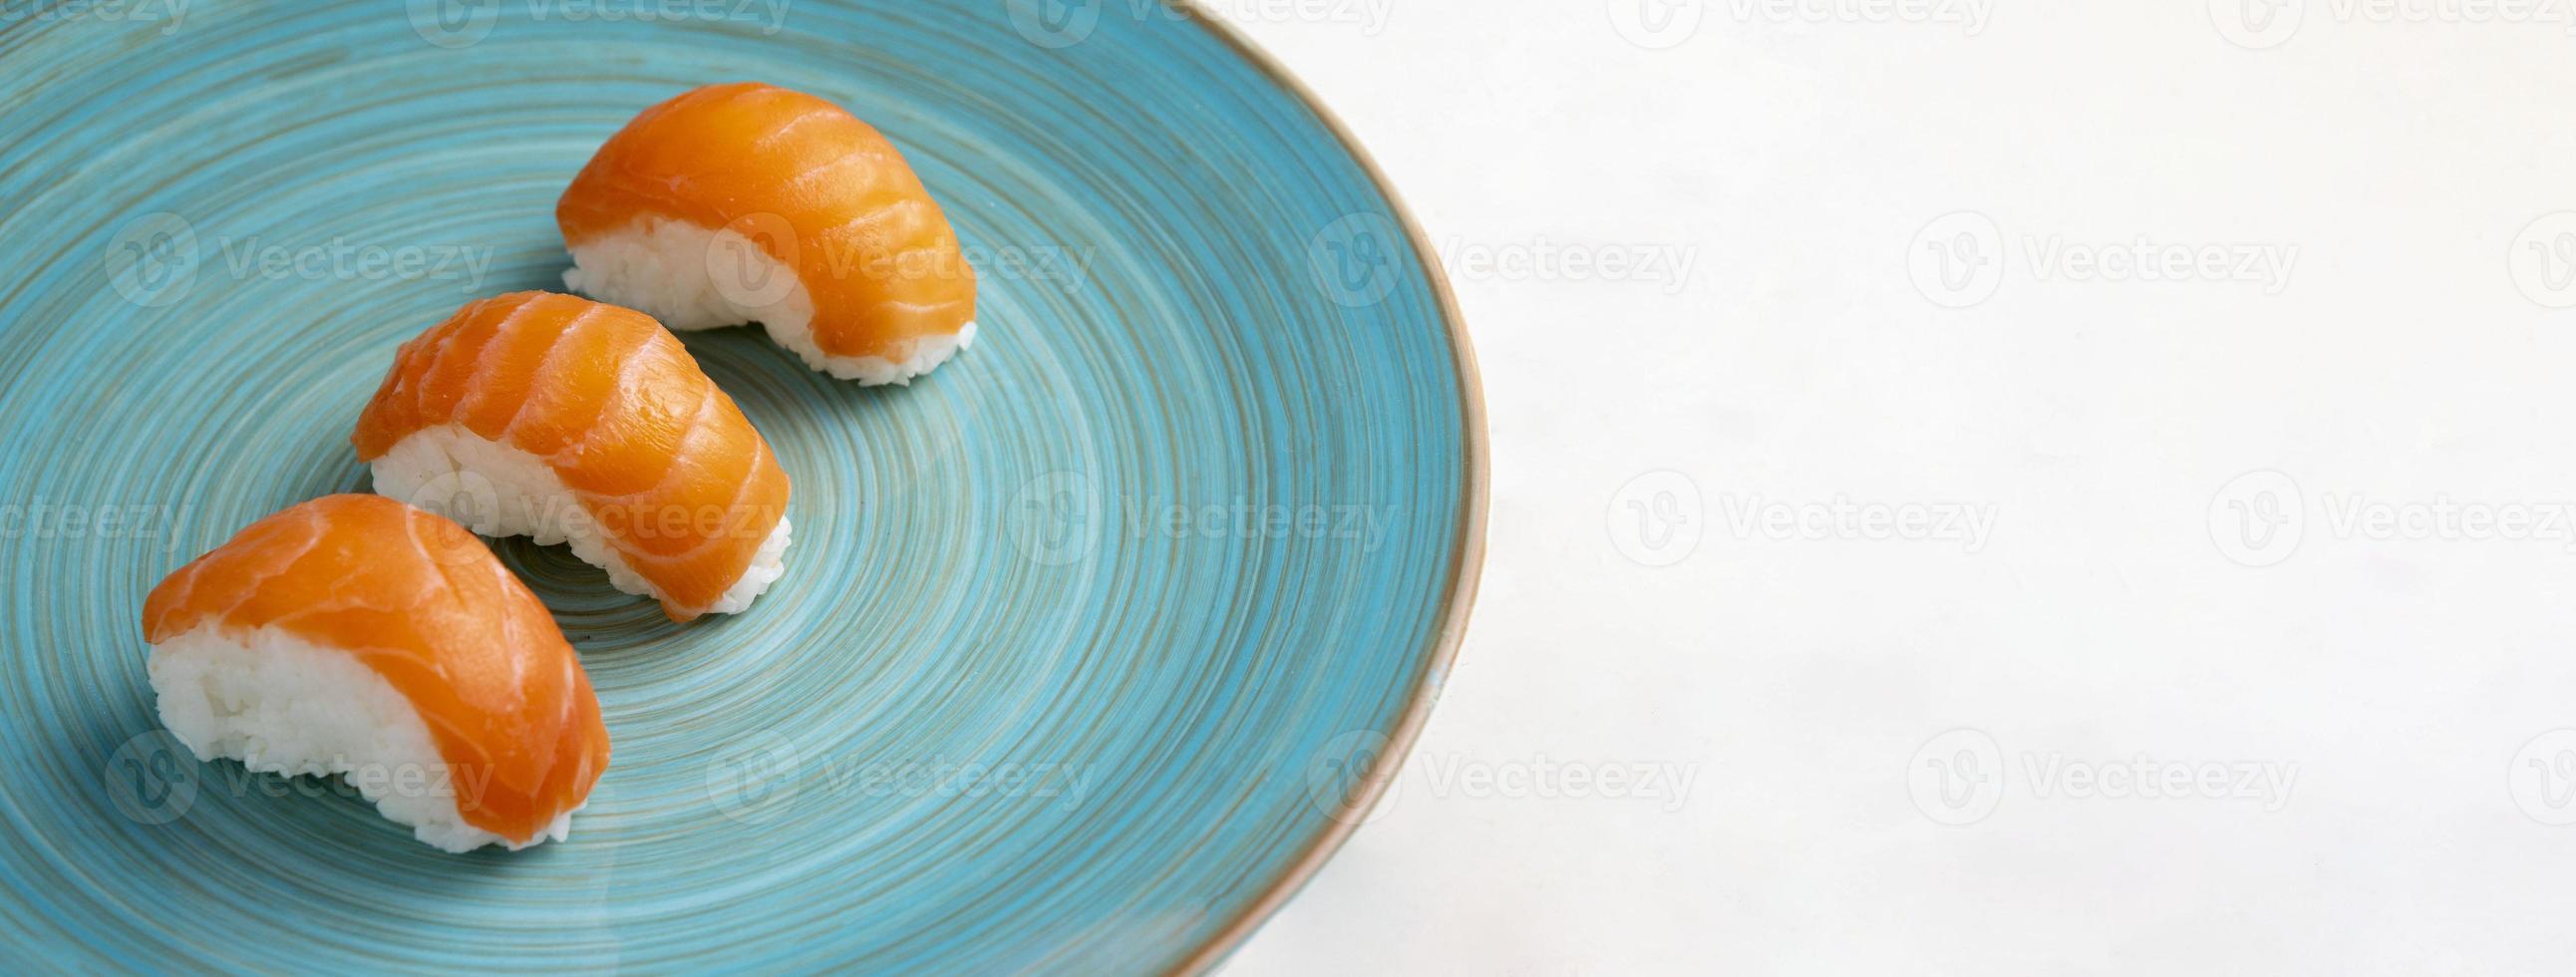 Nahaufnahme des köstlichen Sushi-Konzepts foto